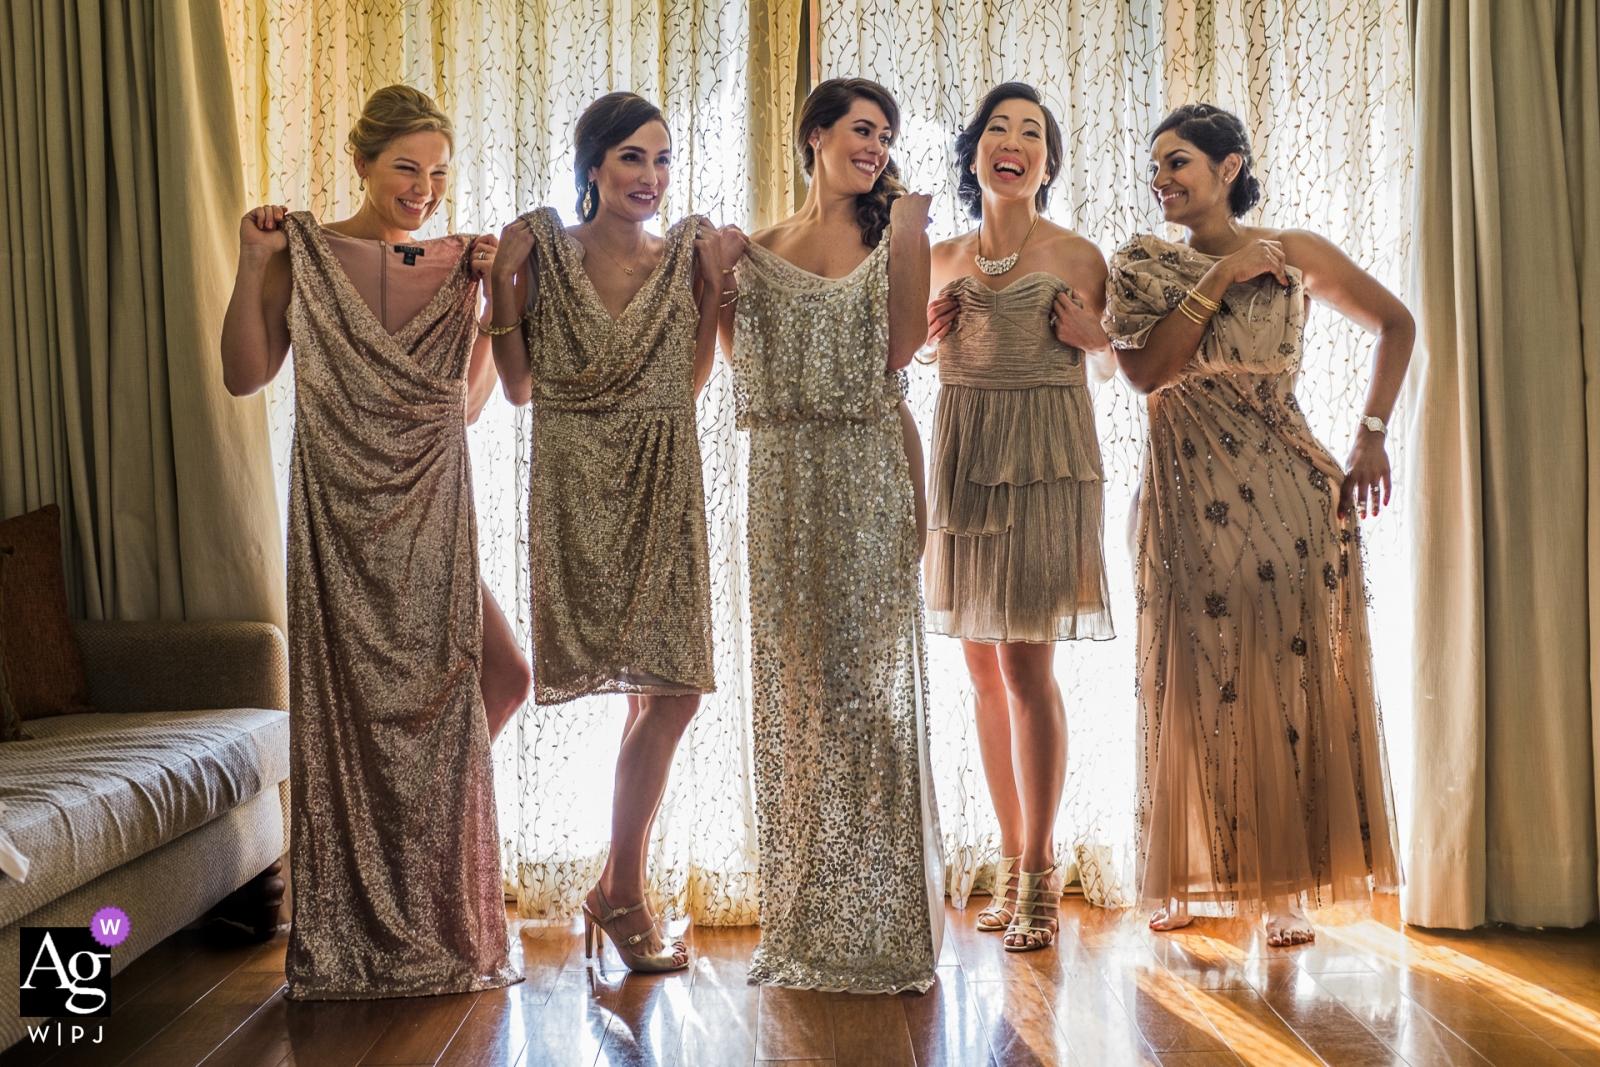 Fotografia ślubna w Goa panny młodej i druhen stwarzających sukienki portretowe